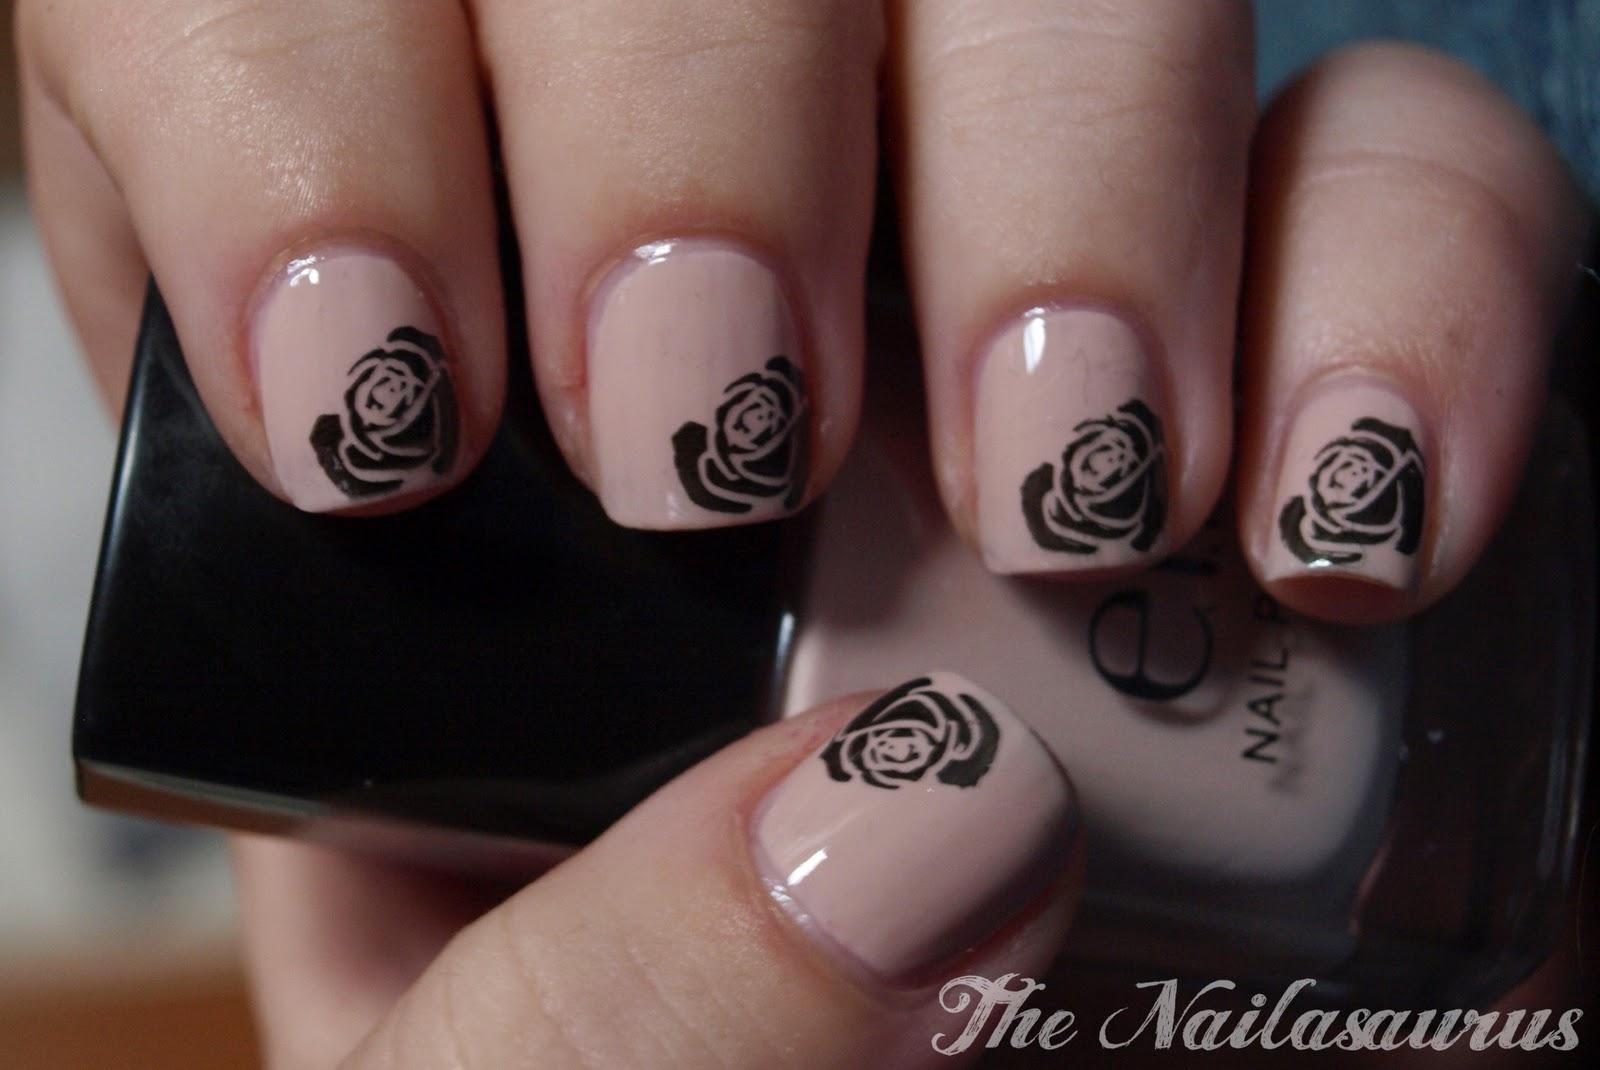 Roses Are Black Violets Are Blue The Nailasaurus Uk Nail Art